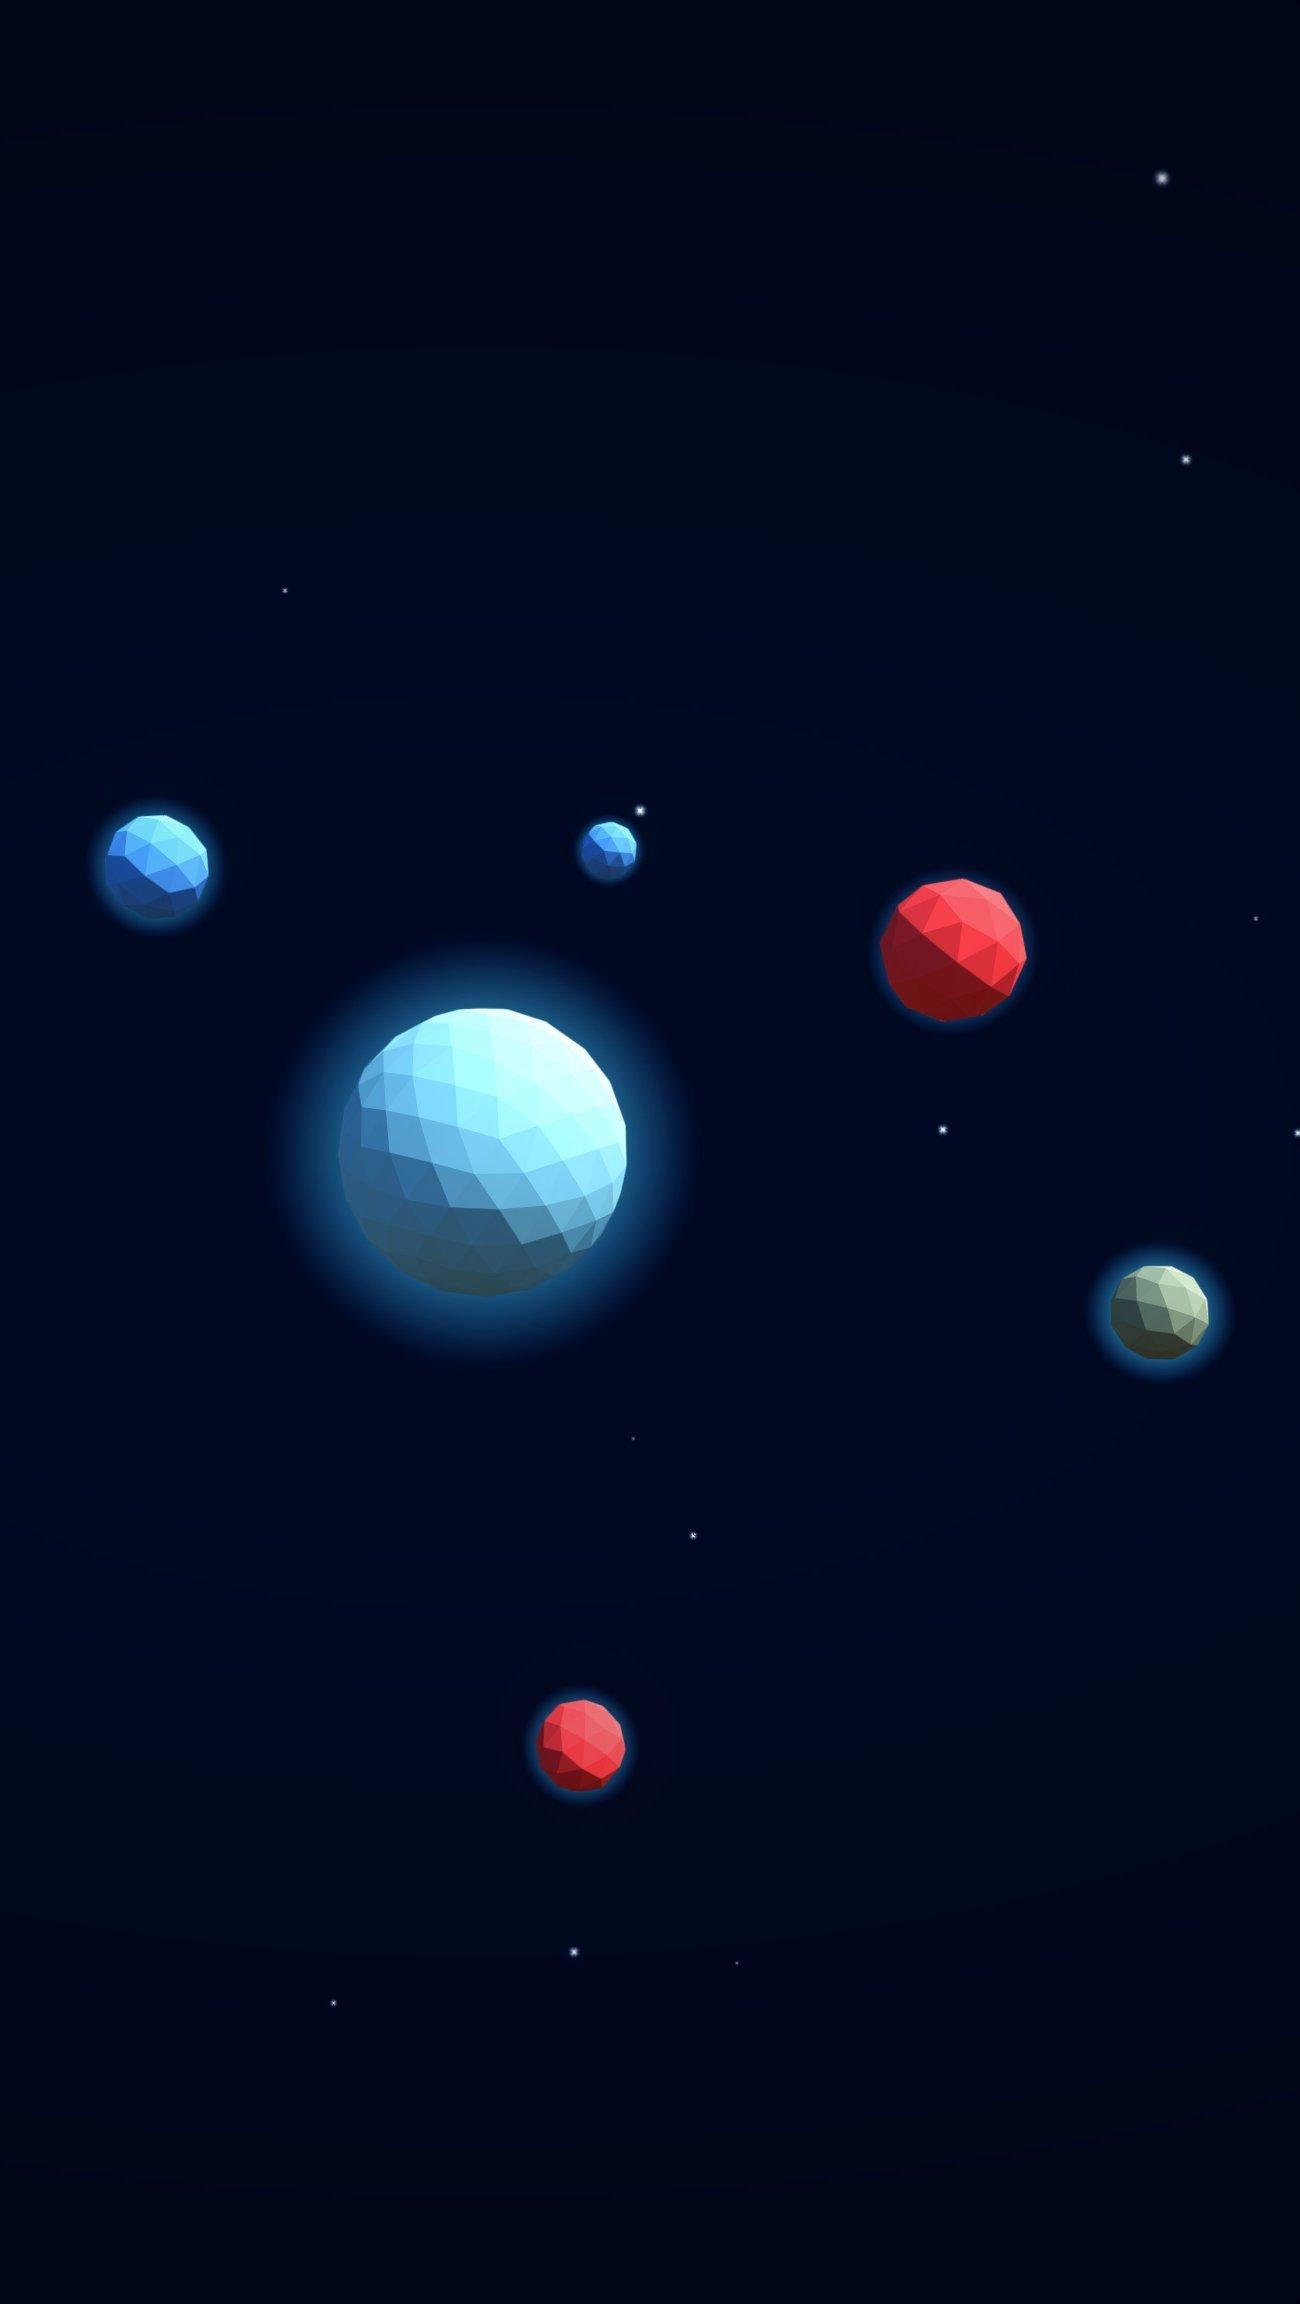 Fondos de pantalla Planetas Artwork Vertical